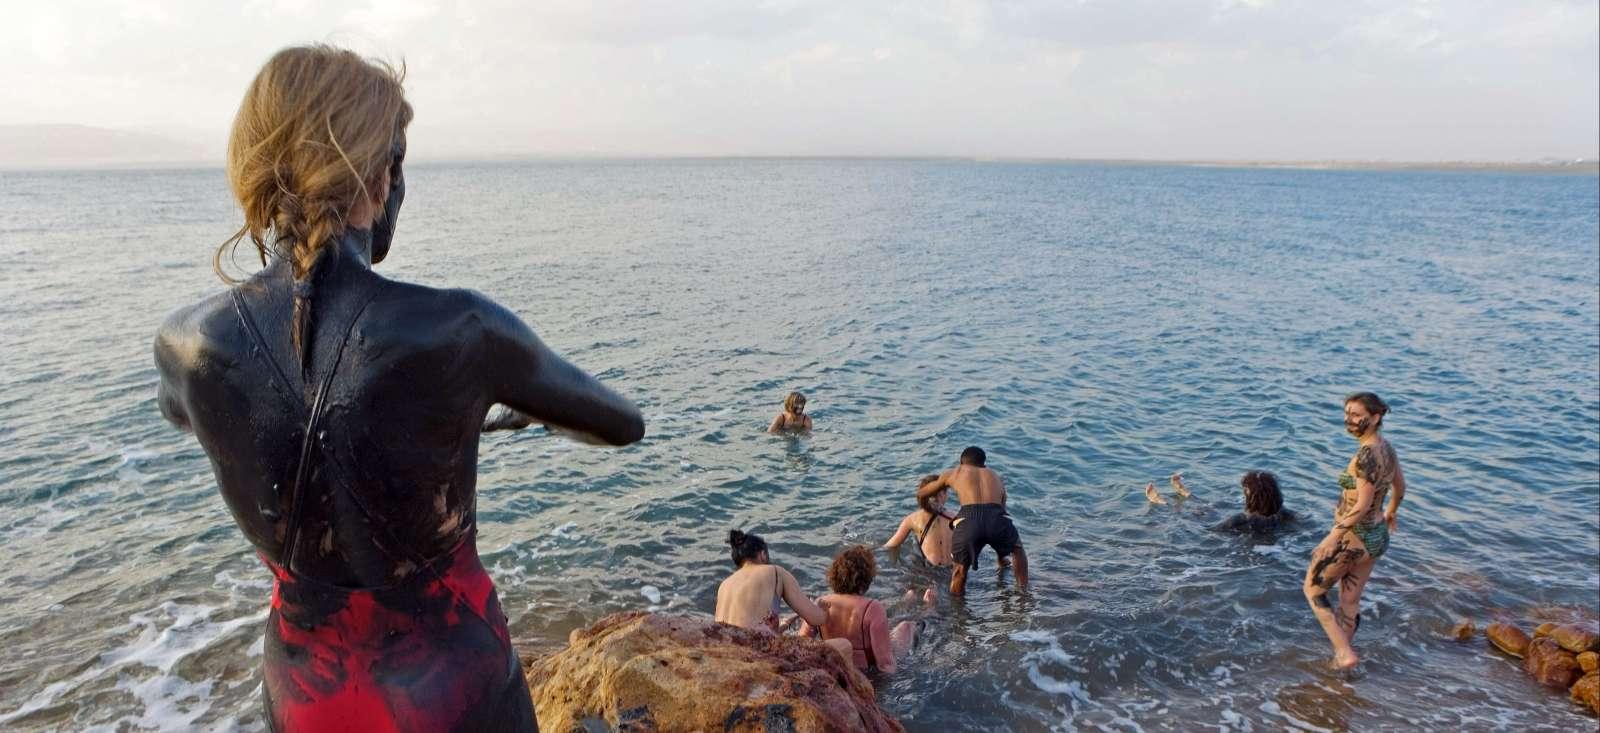 Voyage à pied : Cool sur la Mer Morte!